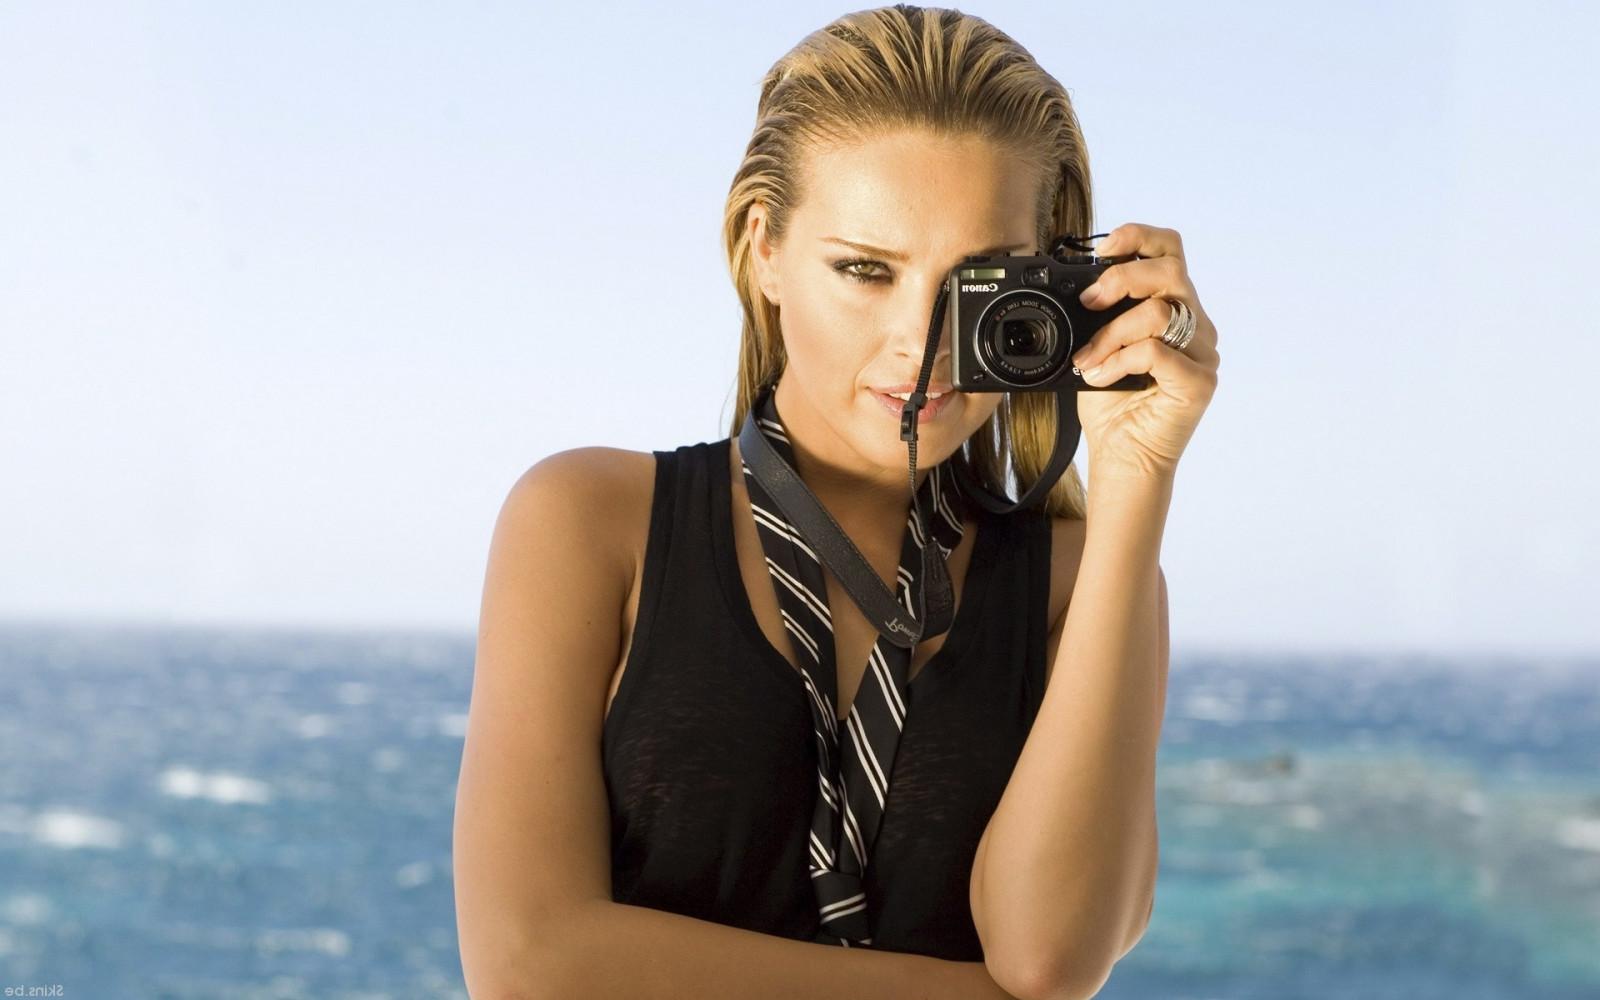 субботу блондинка с фотографом поел мне позвонила